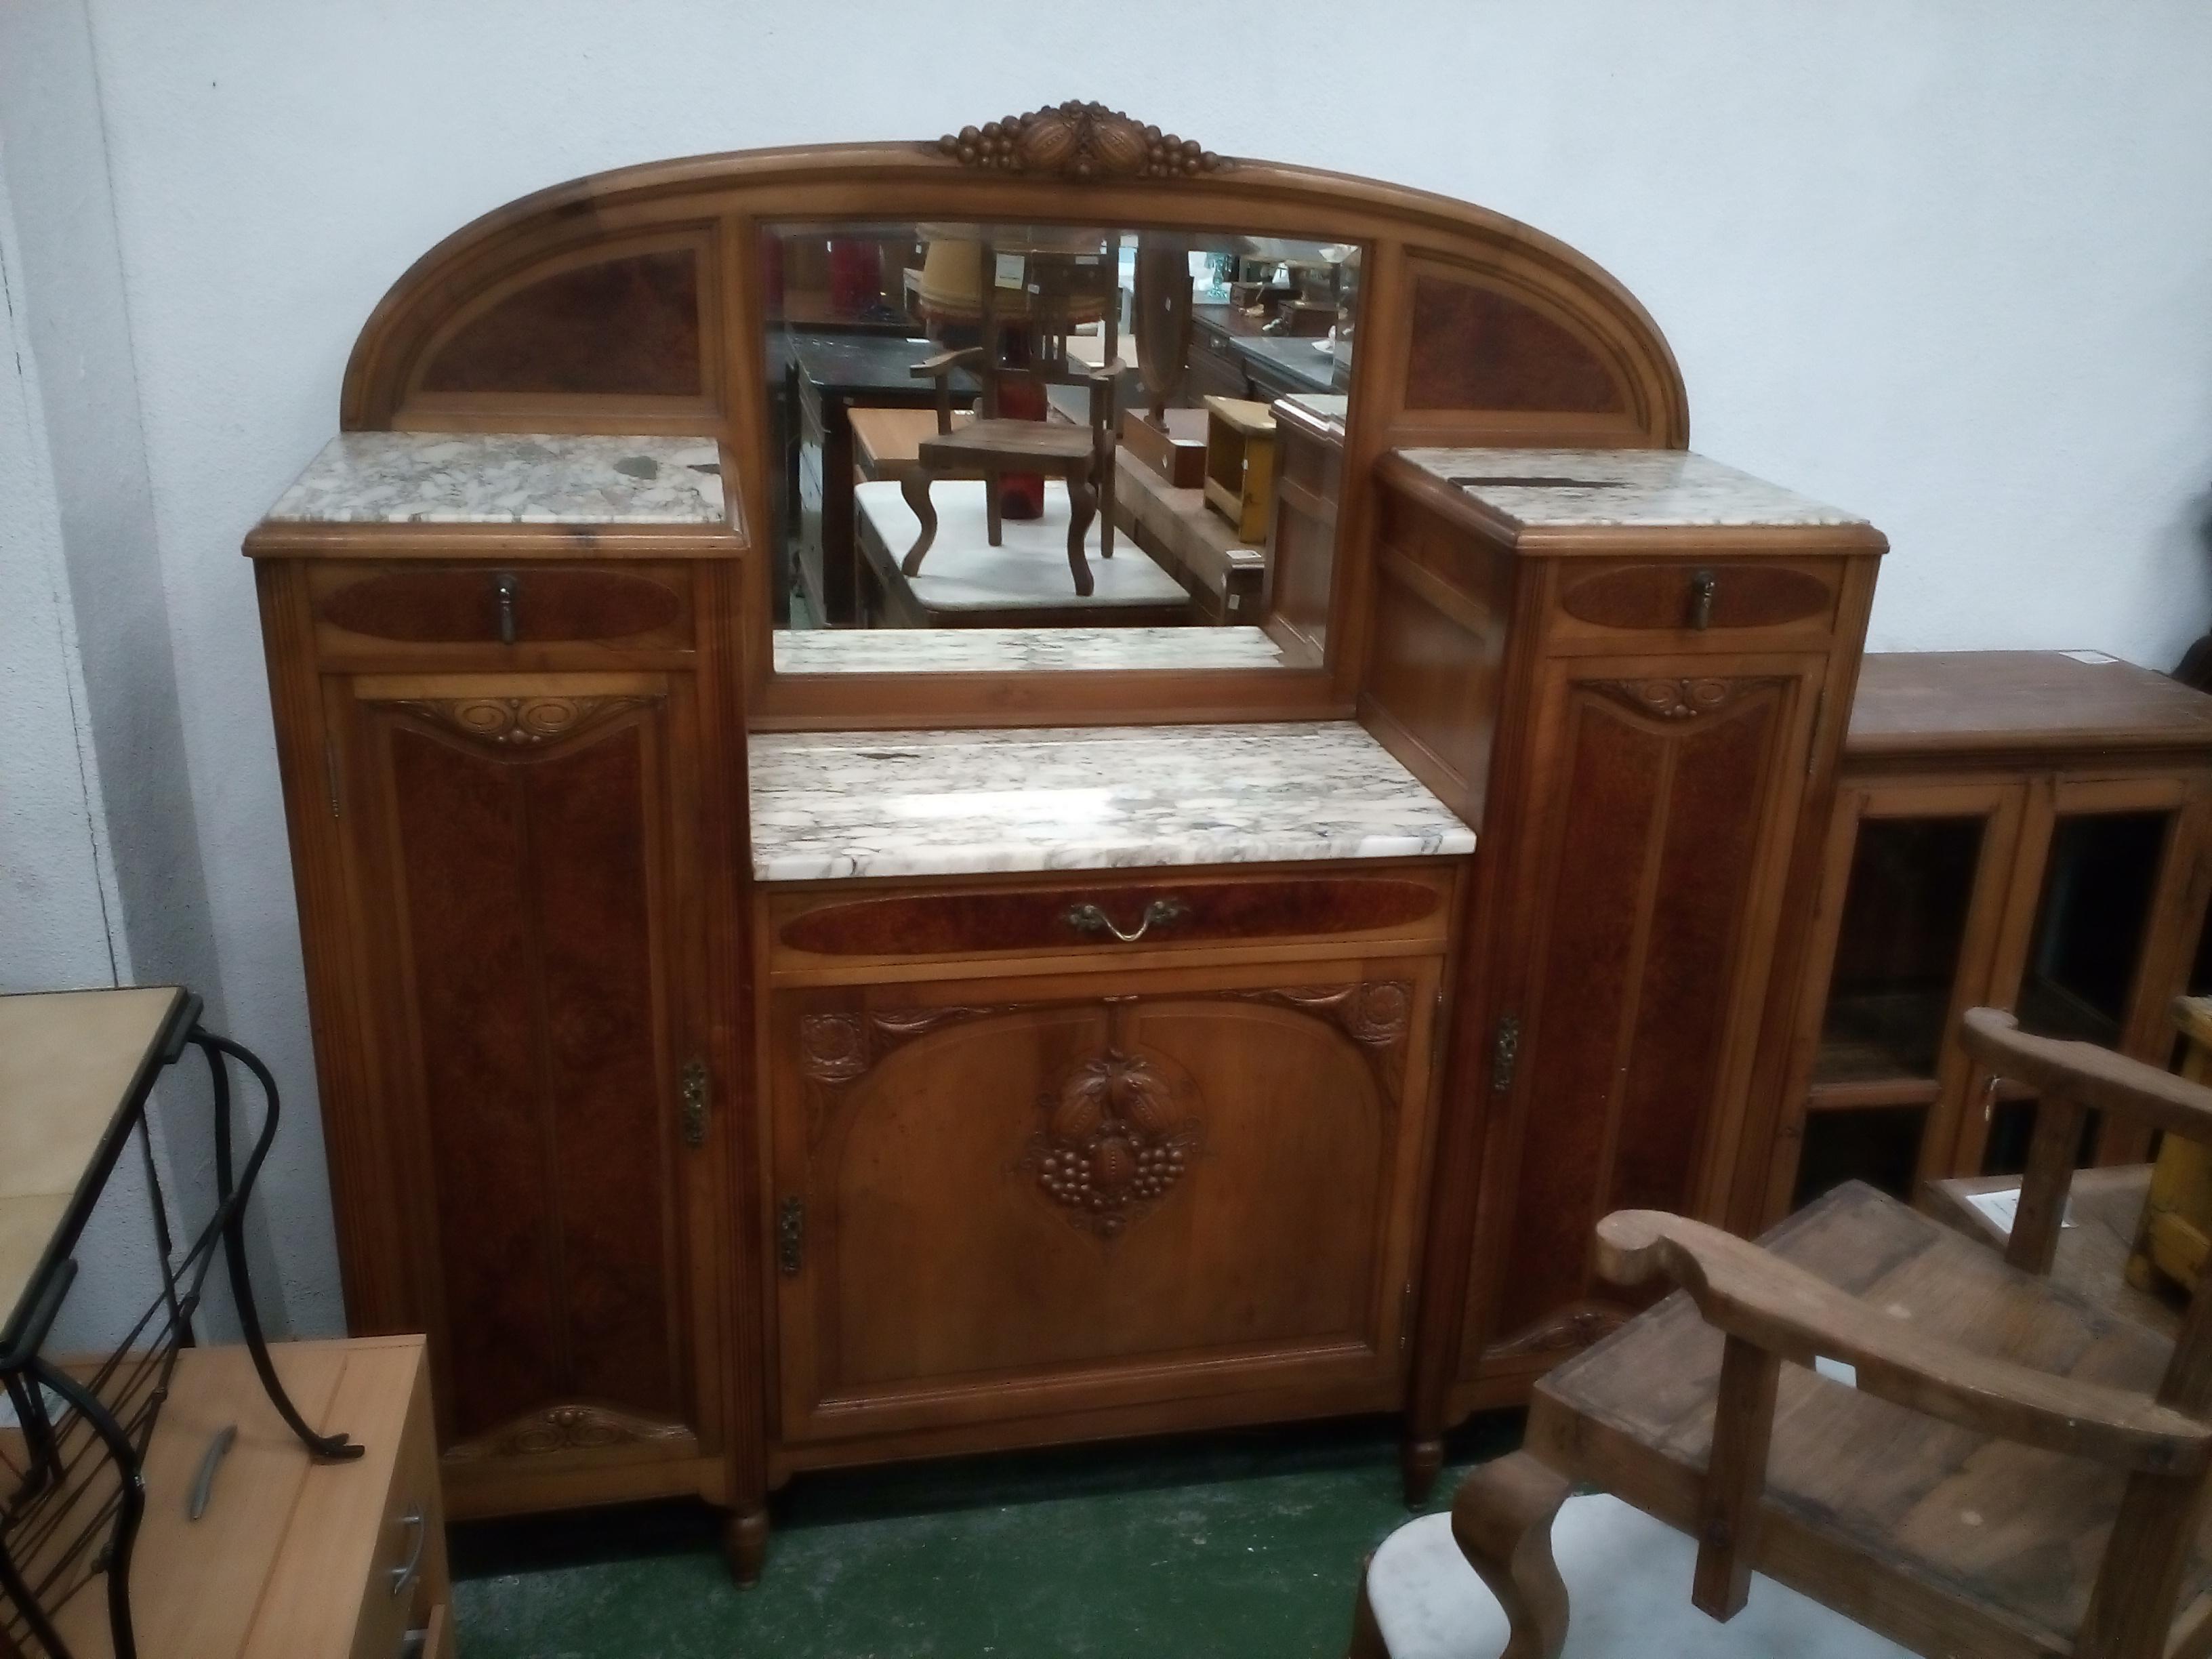 meuble d 39 entr e style 1930 occasion la cabane du troc. Black Bedroom Furniture Sets. Home Design Ideas